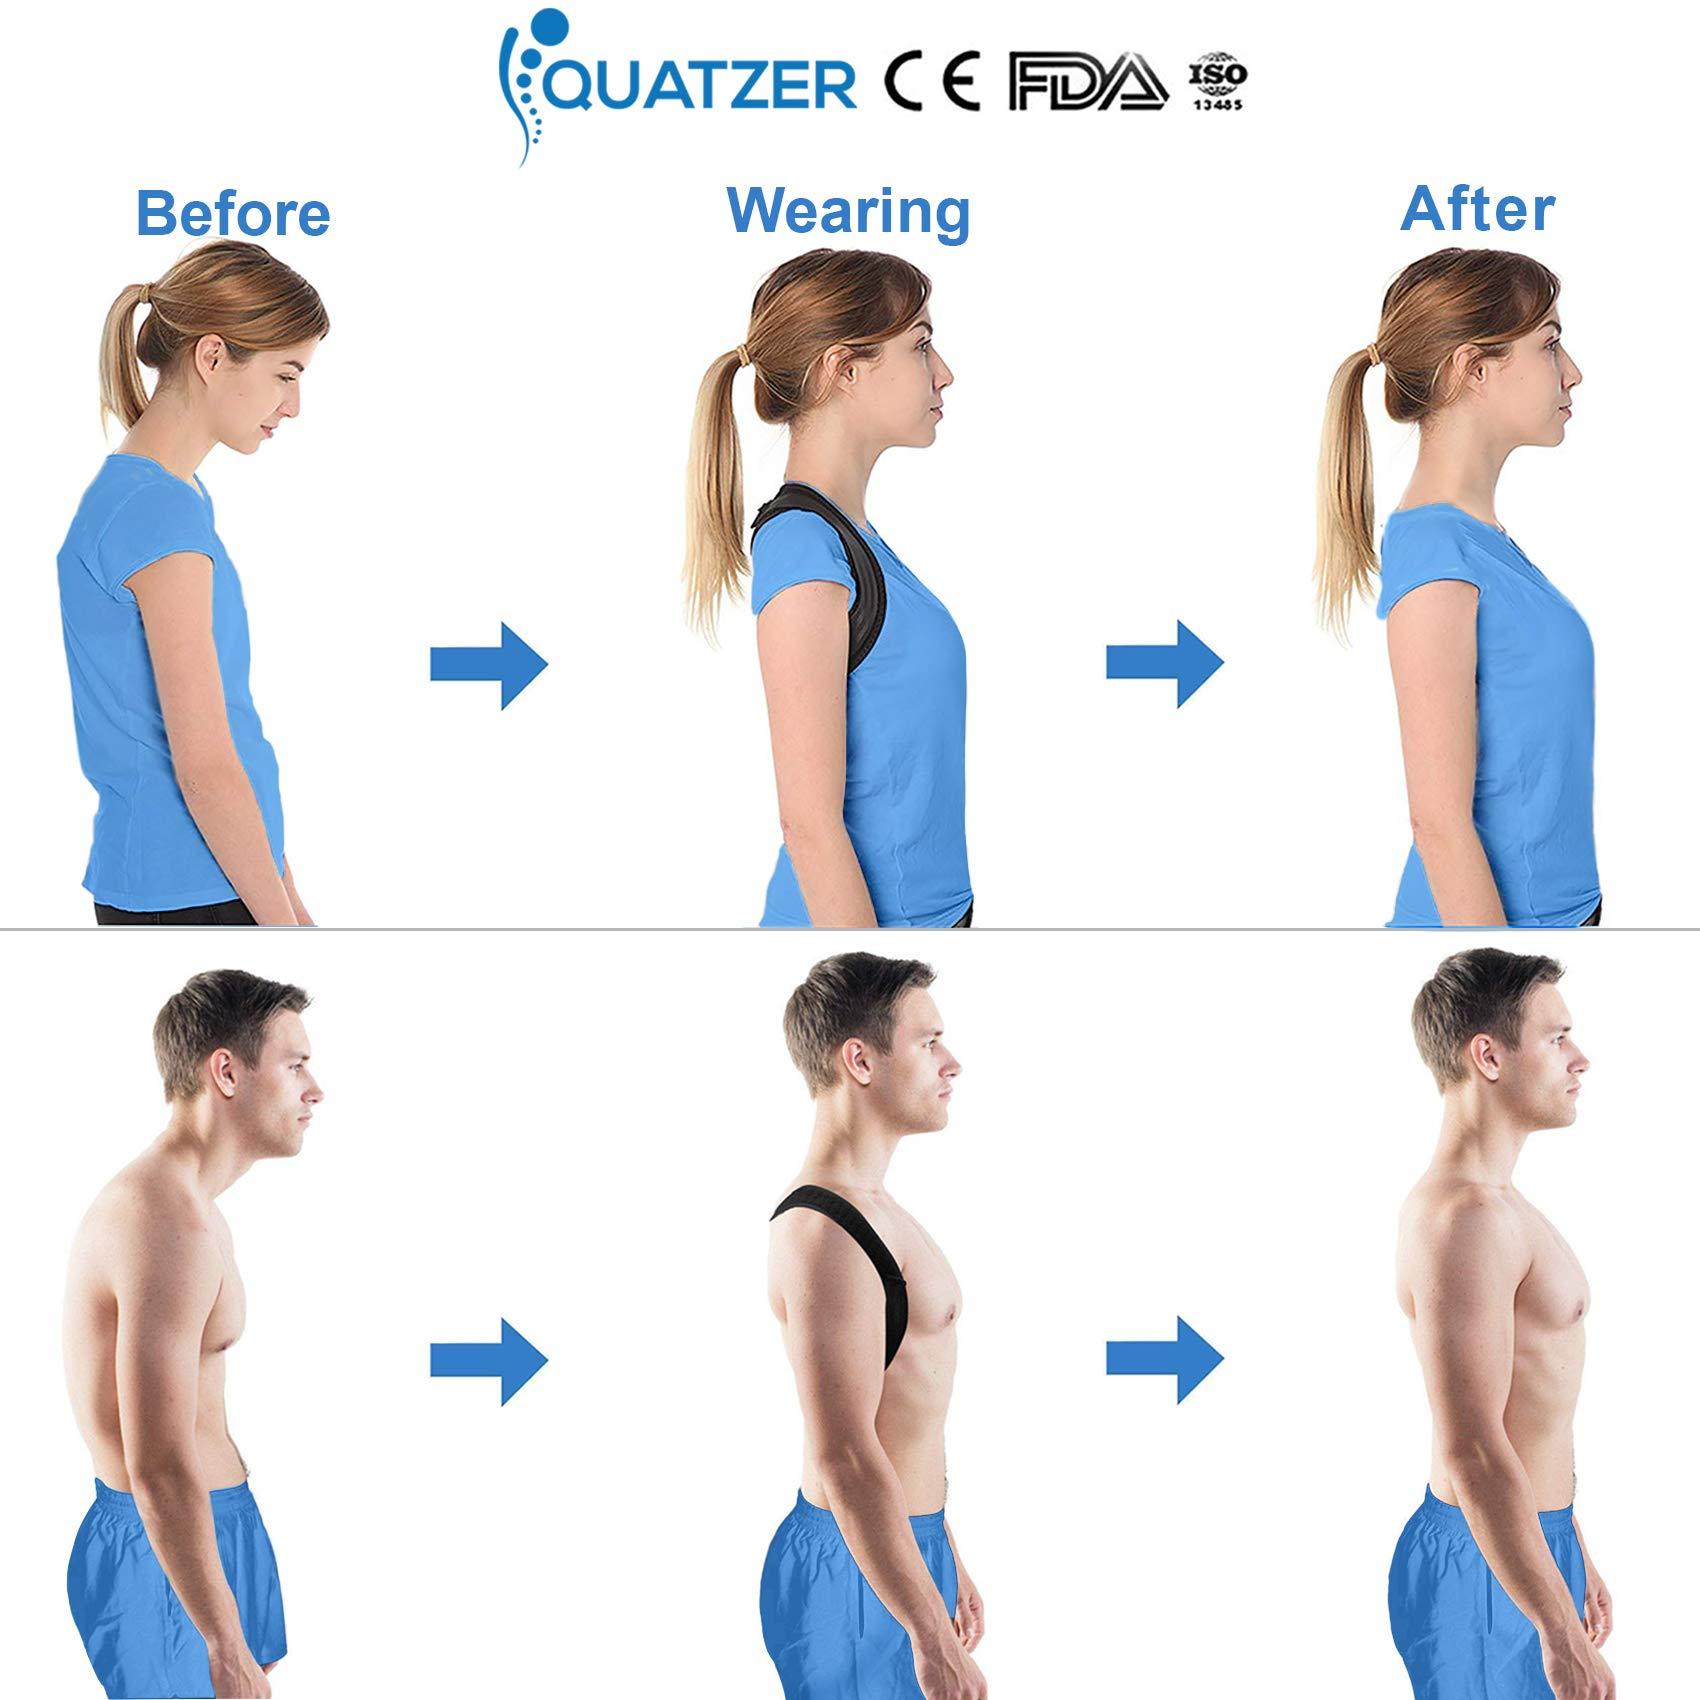 Haltungskorrektur und Rückentrainer für Herren und Frauen - Verstellbare Rückenbandage für gerade Schulterunterstützung - Unterstützung für Wirbelsäule, Nacken - kostenlose Tasche+Ebook+Elastikband